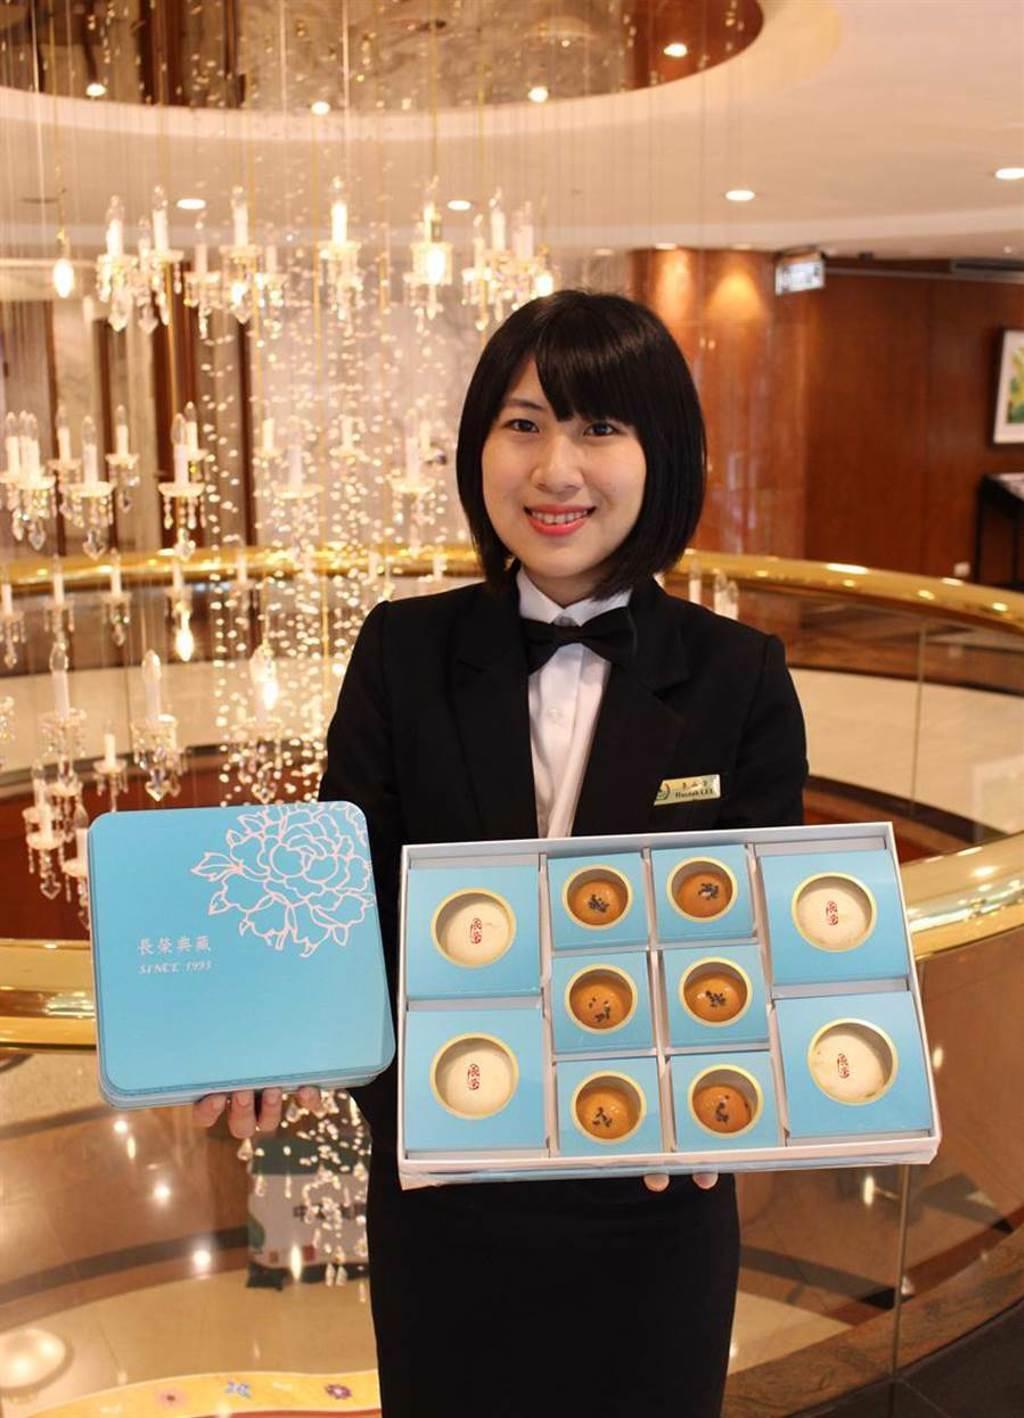 台中長榮桂冠酒店「金采禮盒」,屢獲全台飯店酥皮月餅第一名。圖/長榮桂冠提供